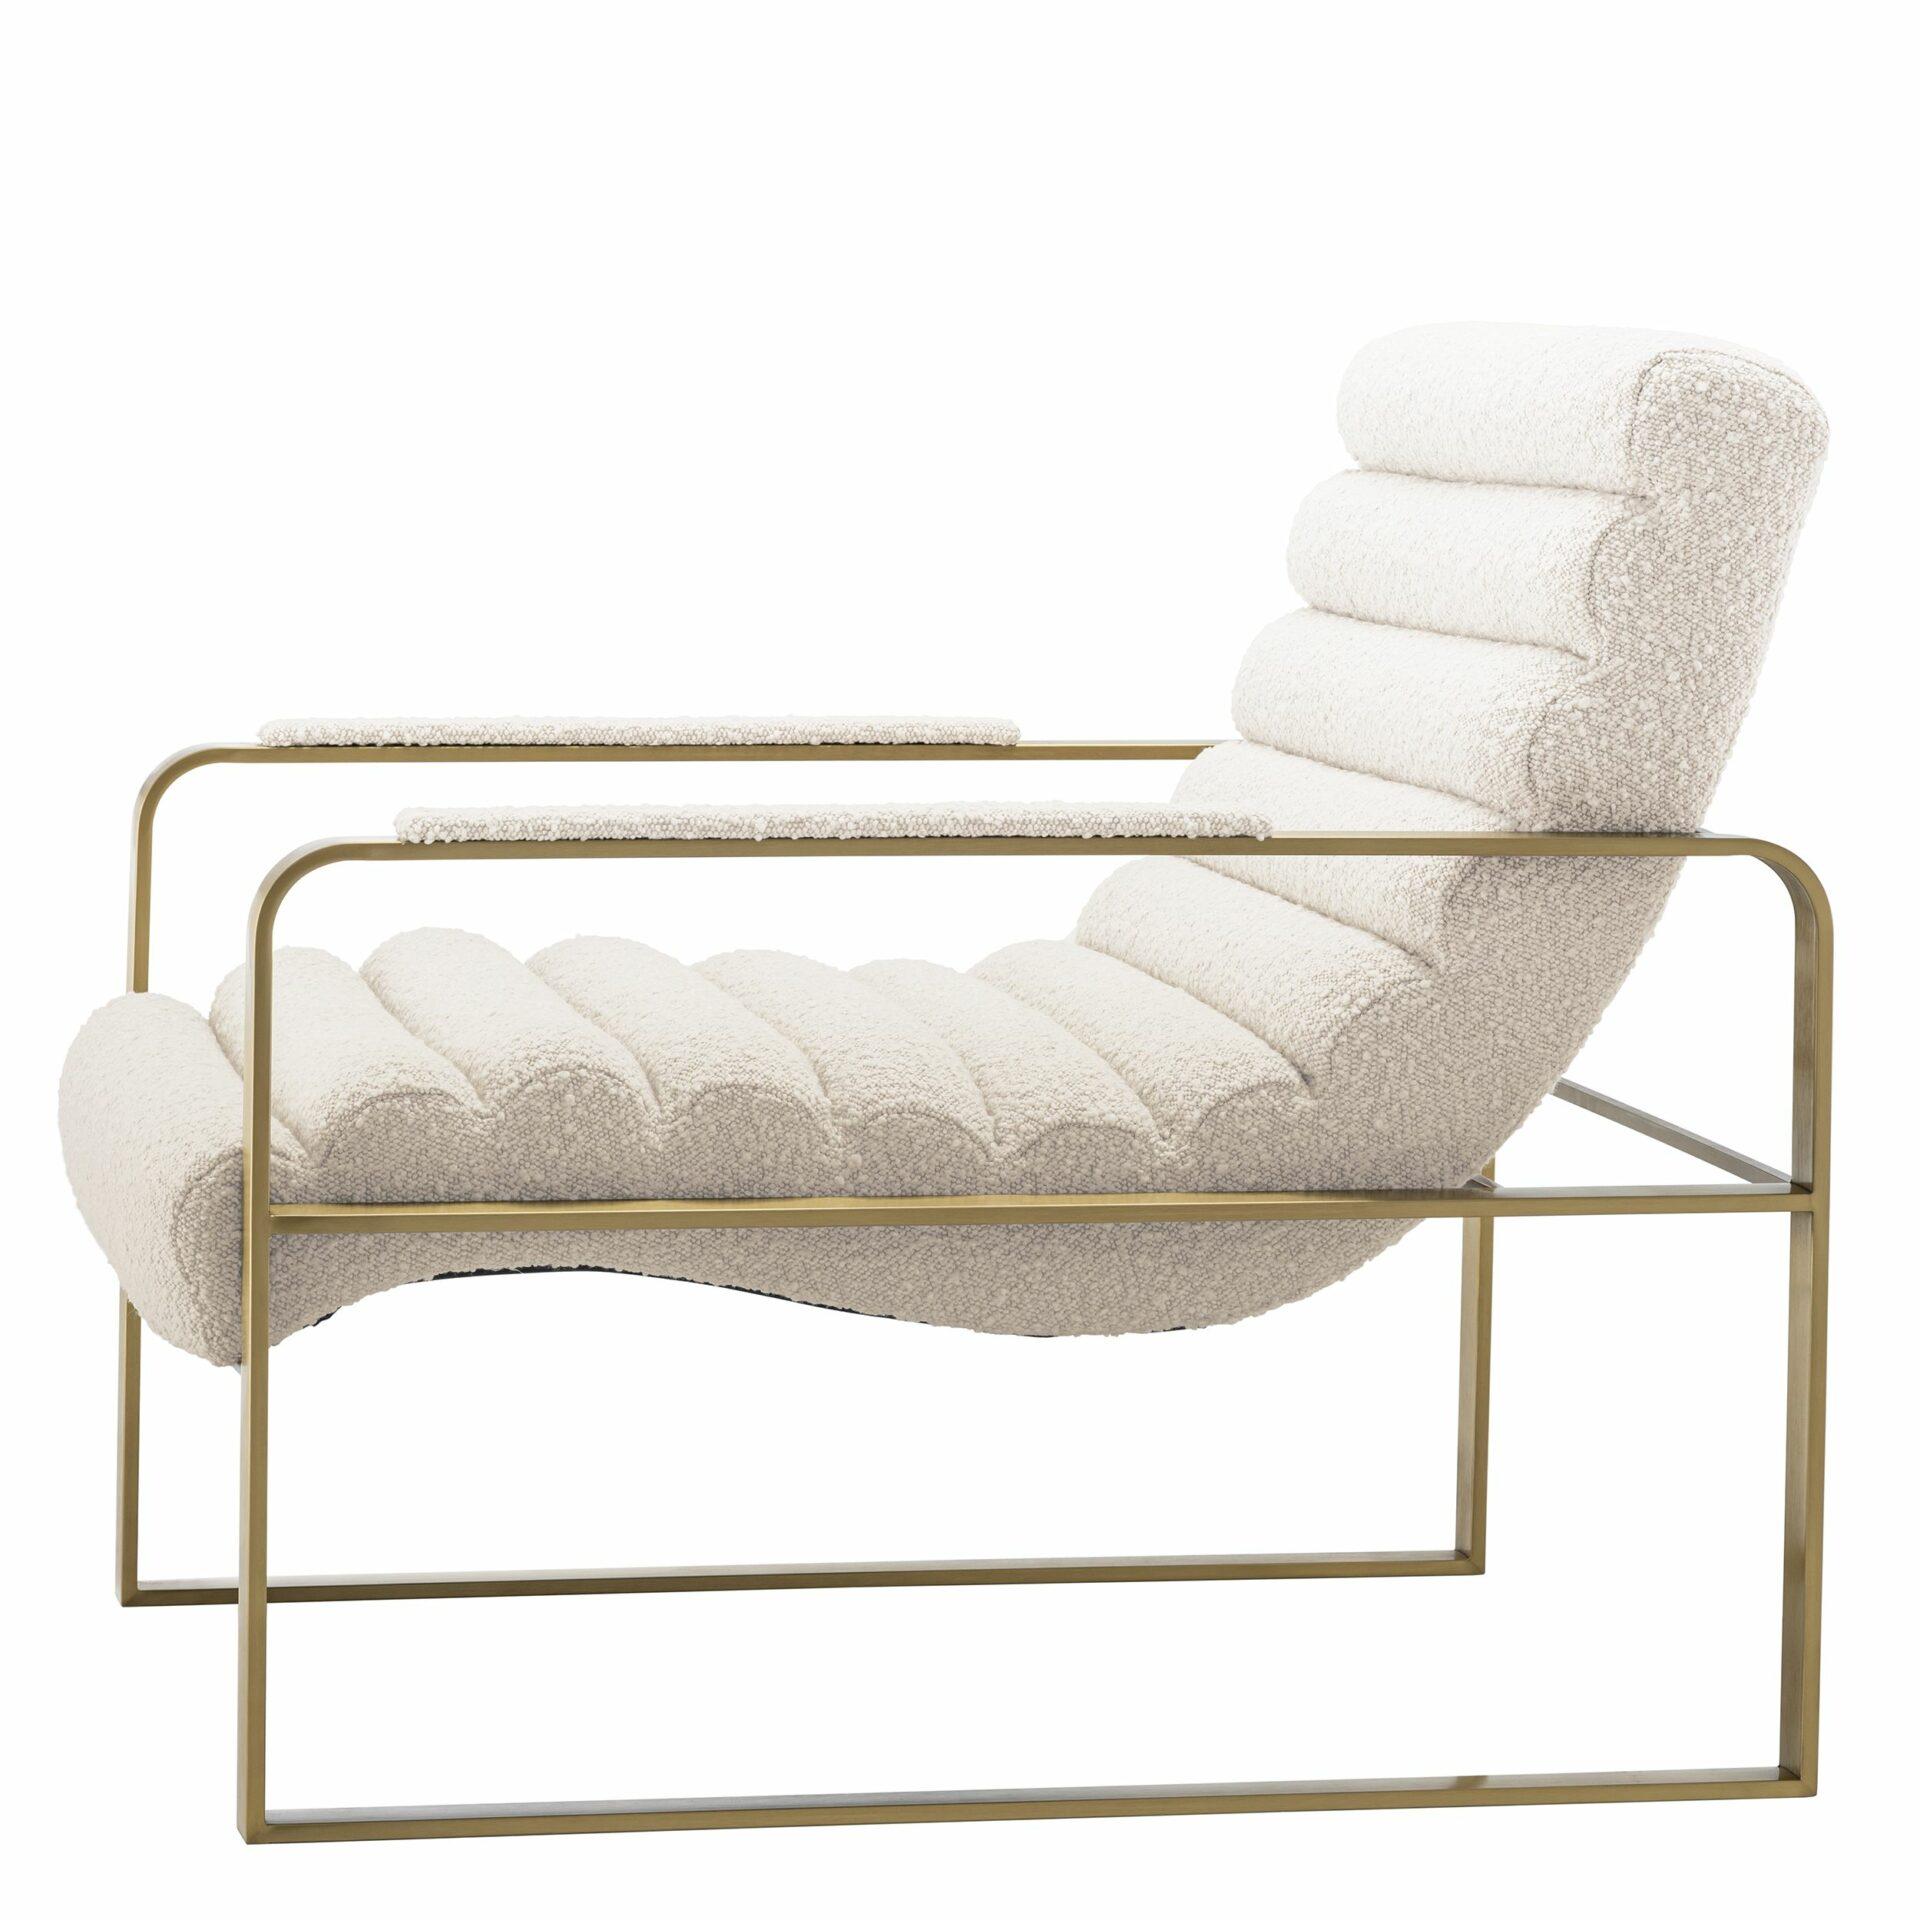 chair-olson-eichholtz-3